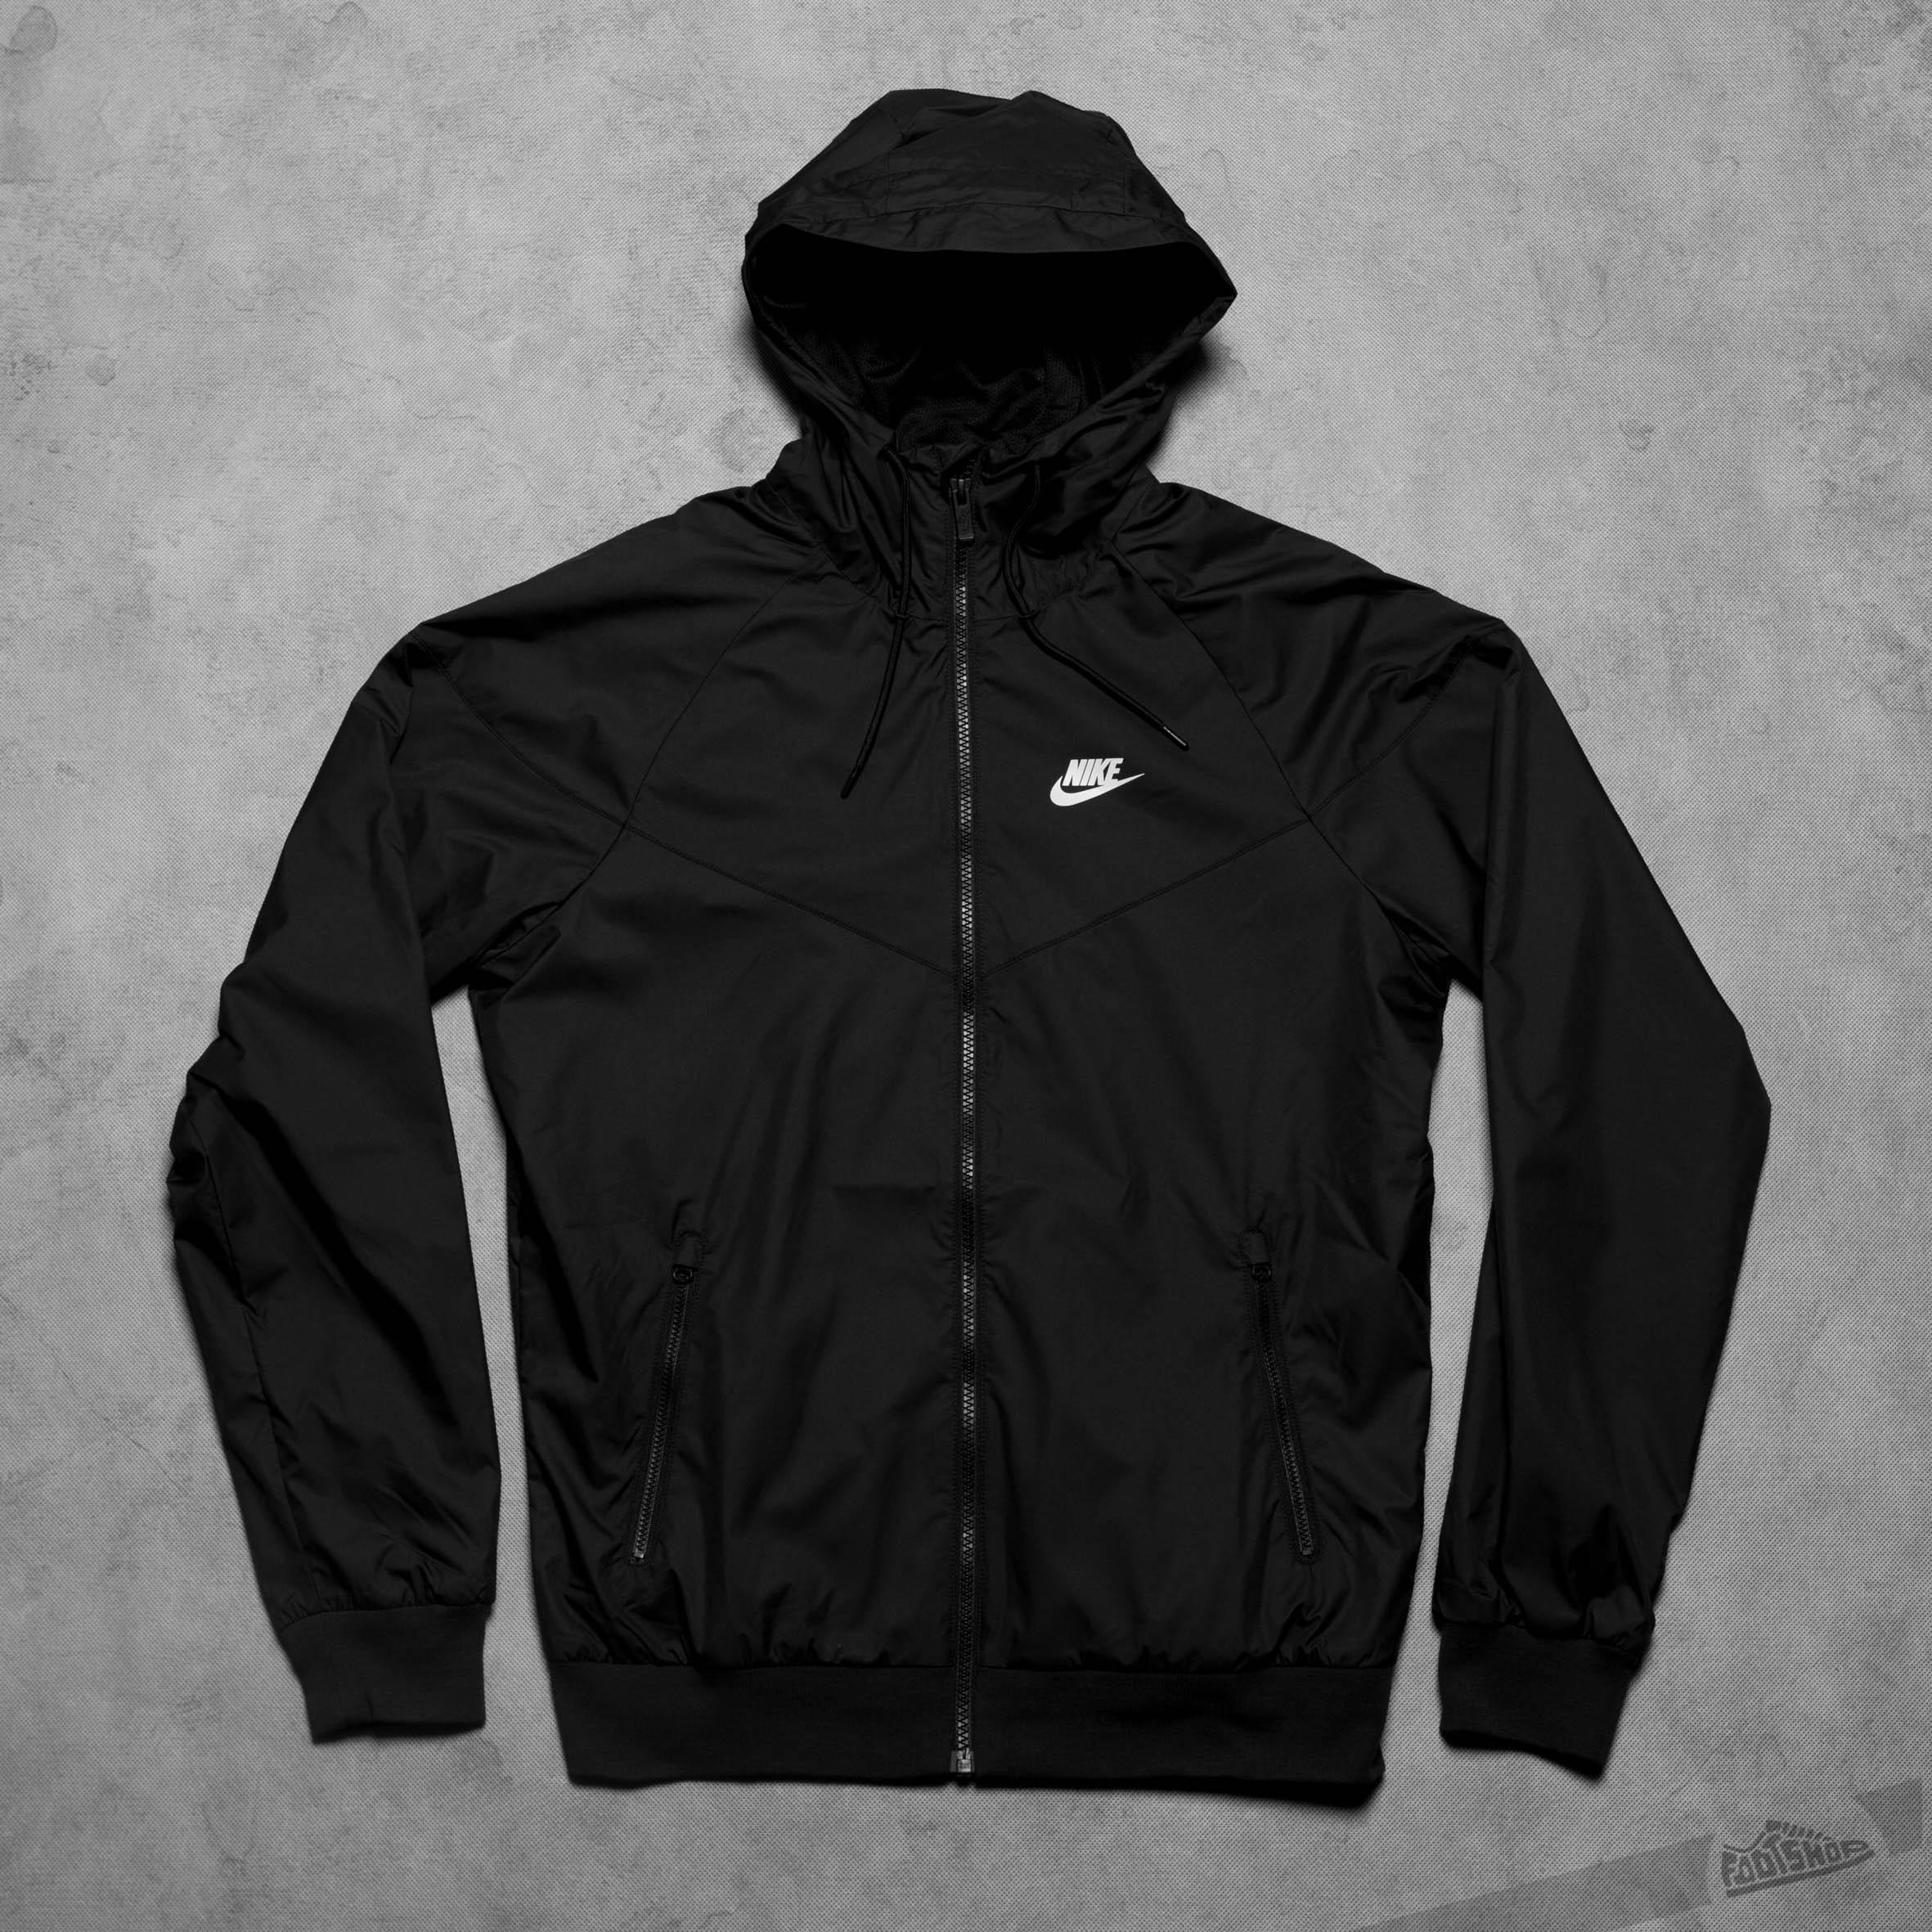 44b4982850 Nike Windrunner Black